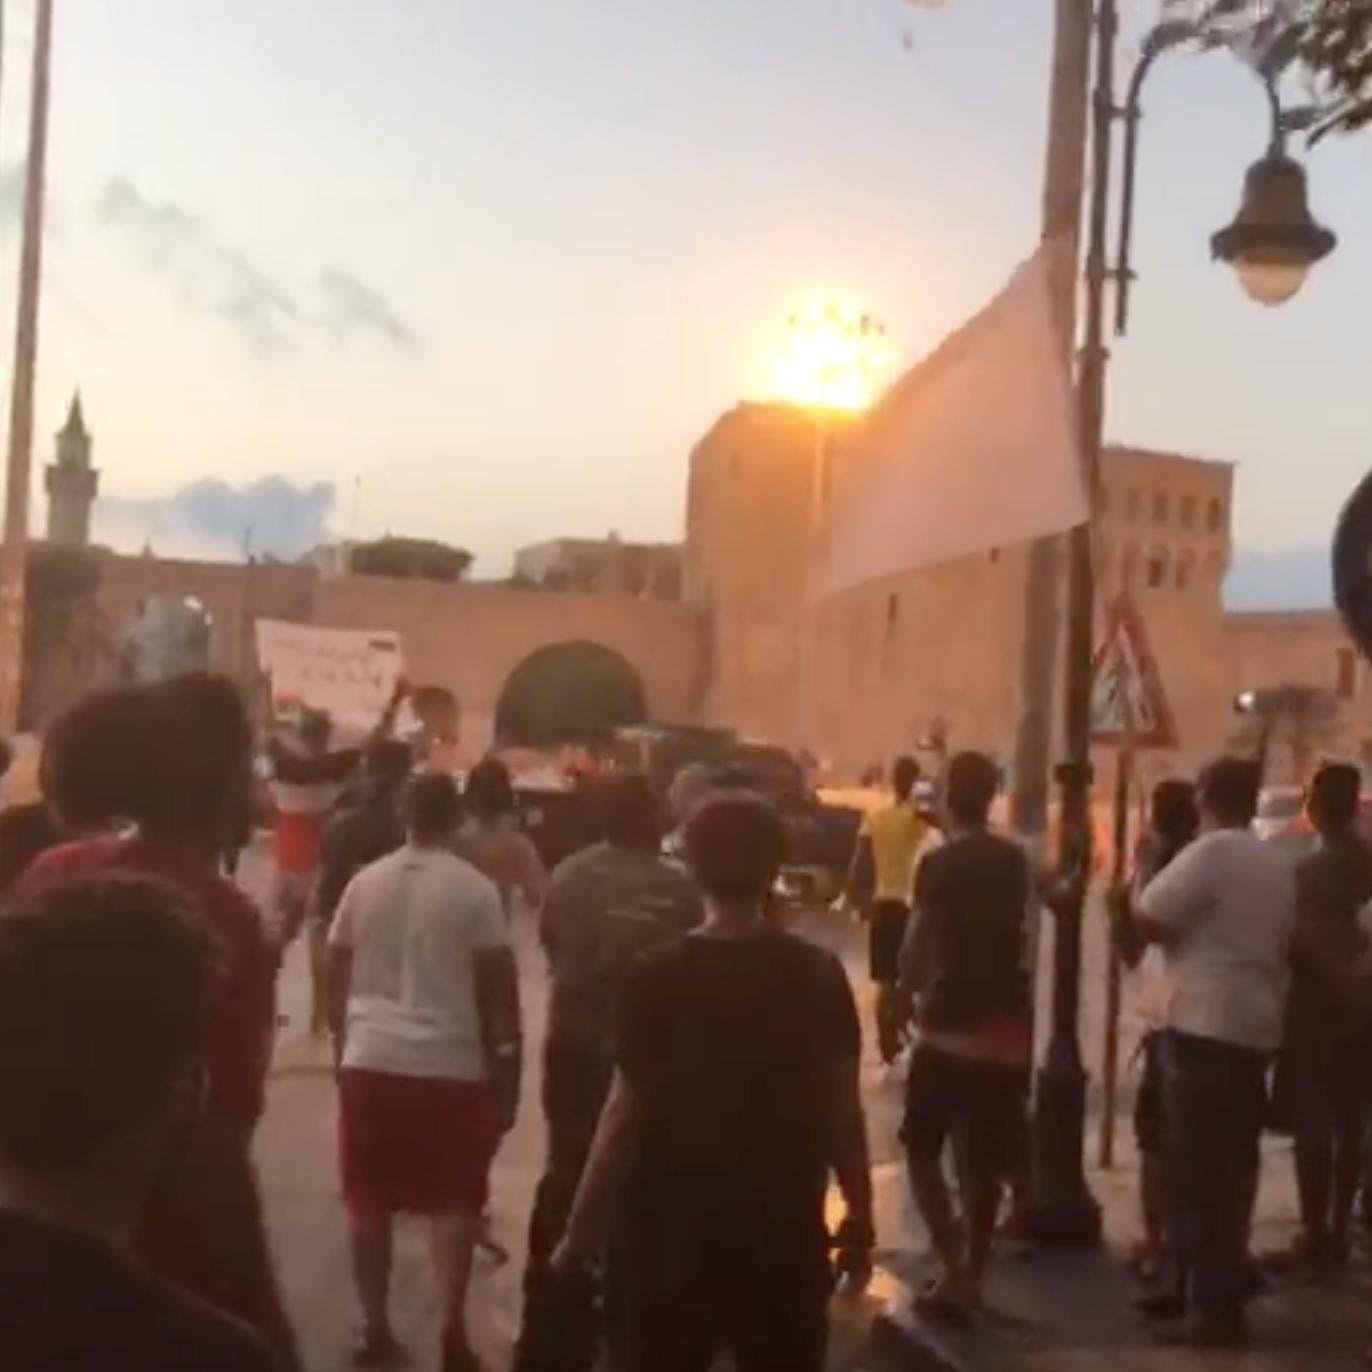 ليبيا.. البعثة الأممية تدعو لتحقيق فوري باستهداف المحتجين